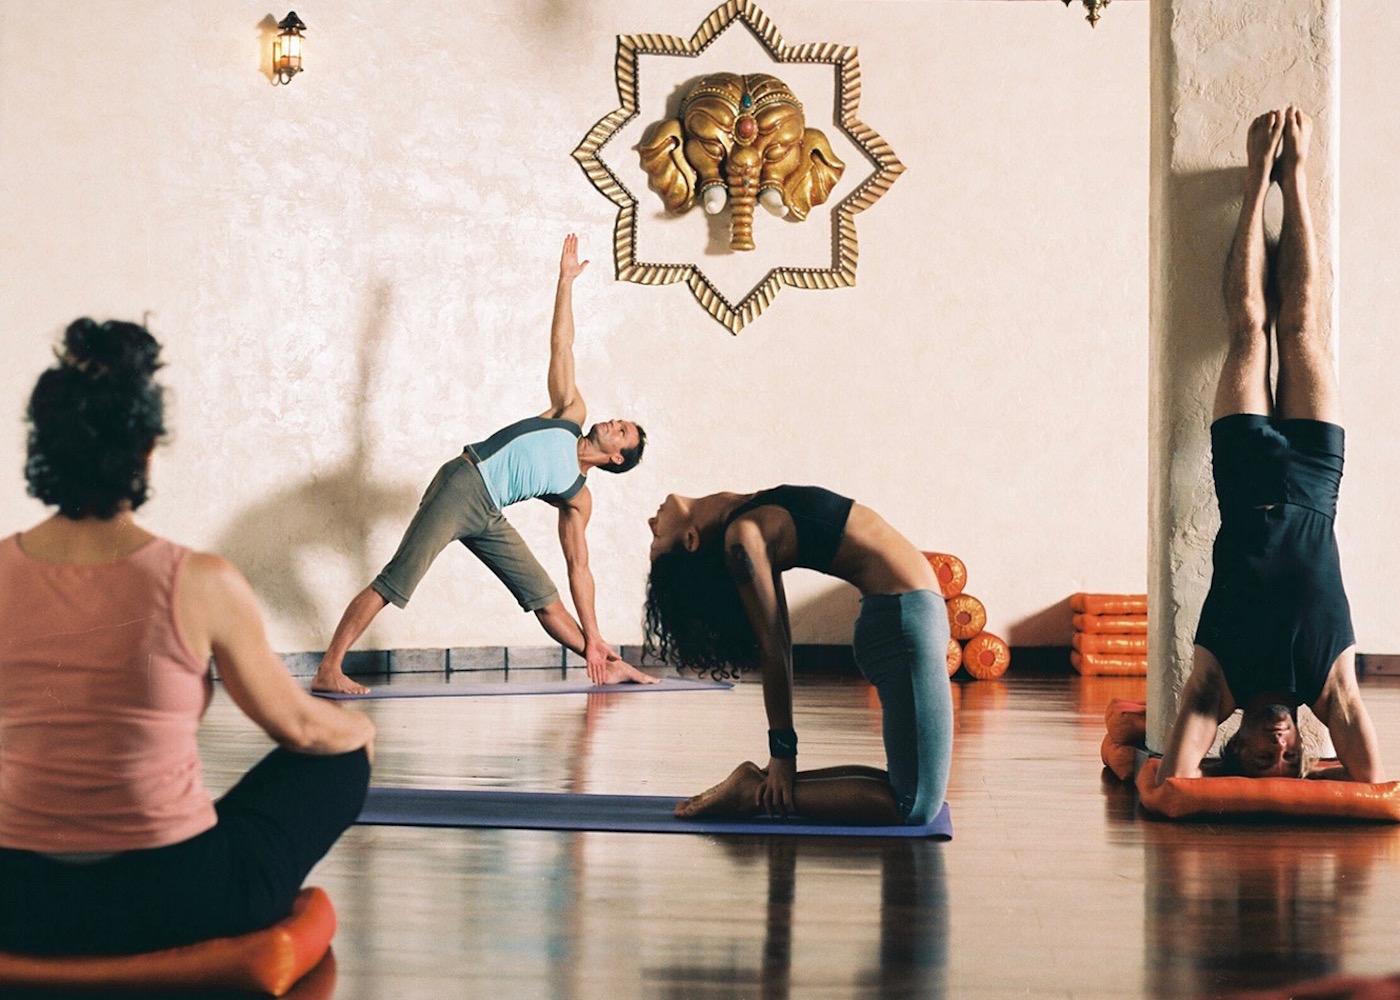 Yogis at Prana yoga studio in Seminyak, Bali, Indonesia